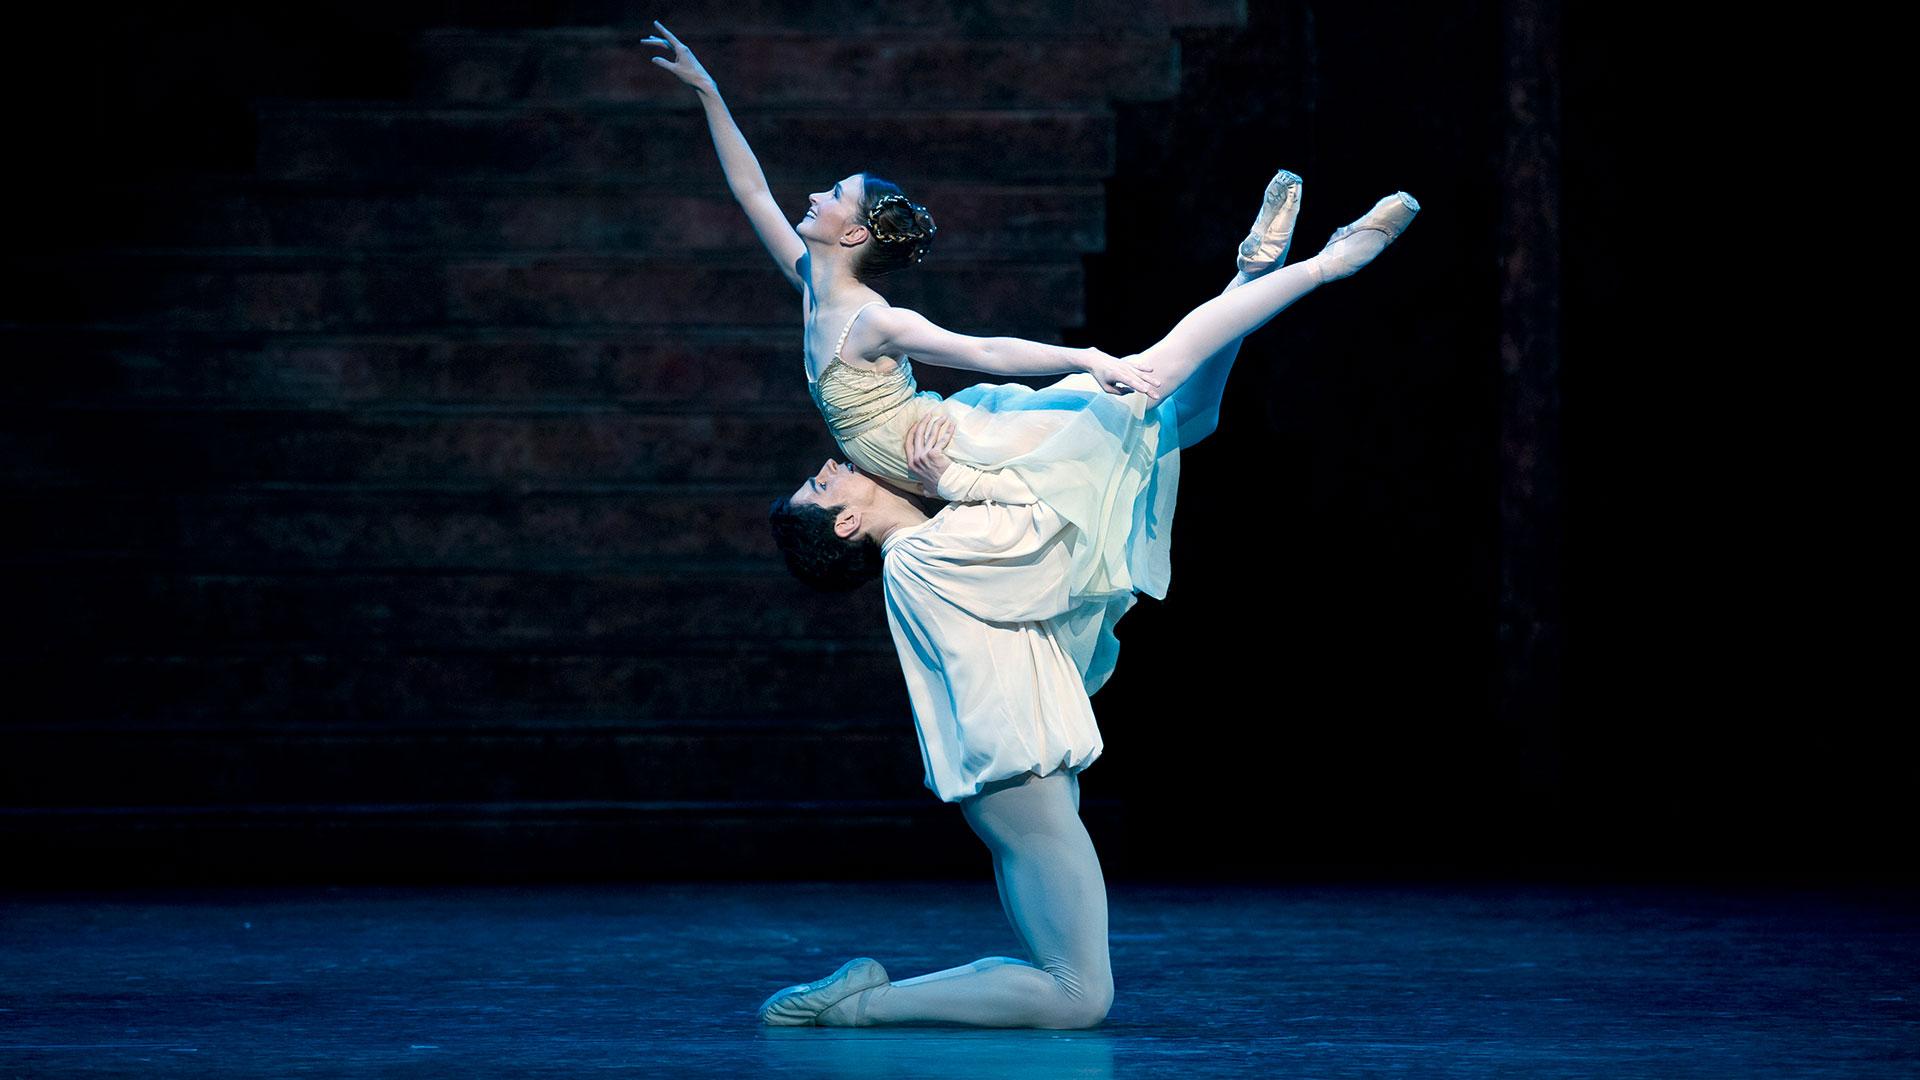 Ballet hero asset